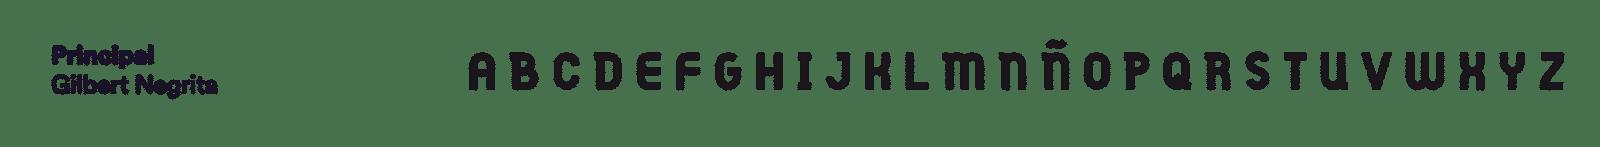 tipografía gilbert negrita